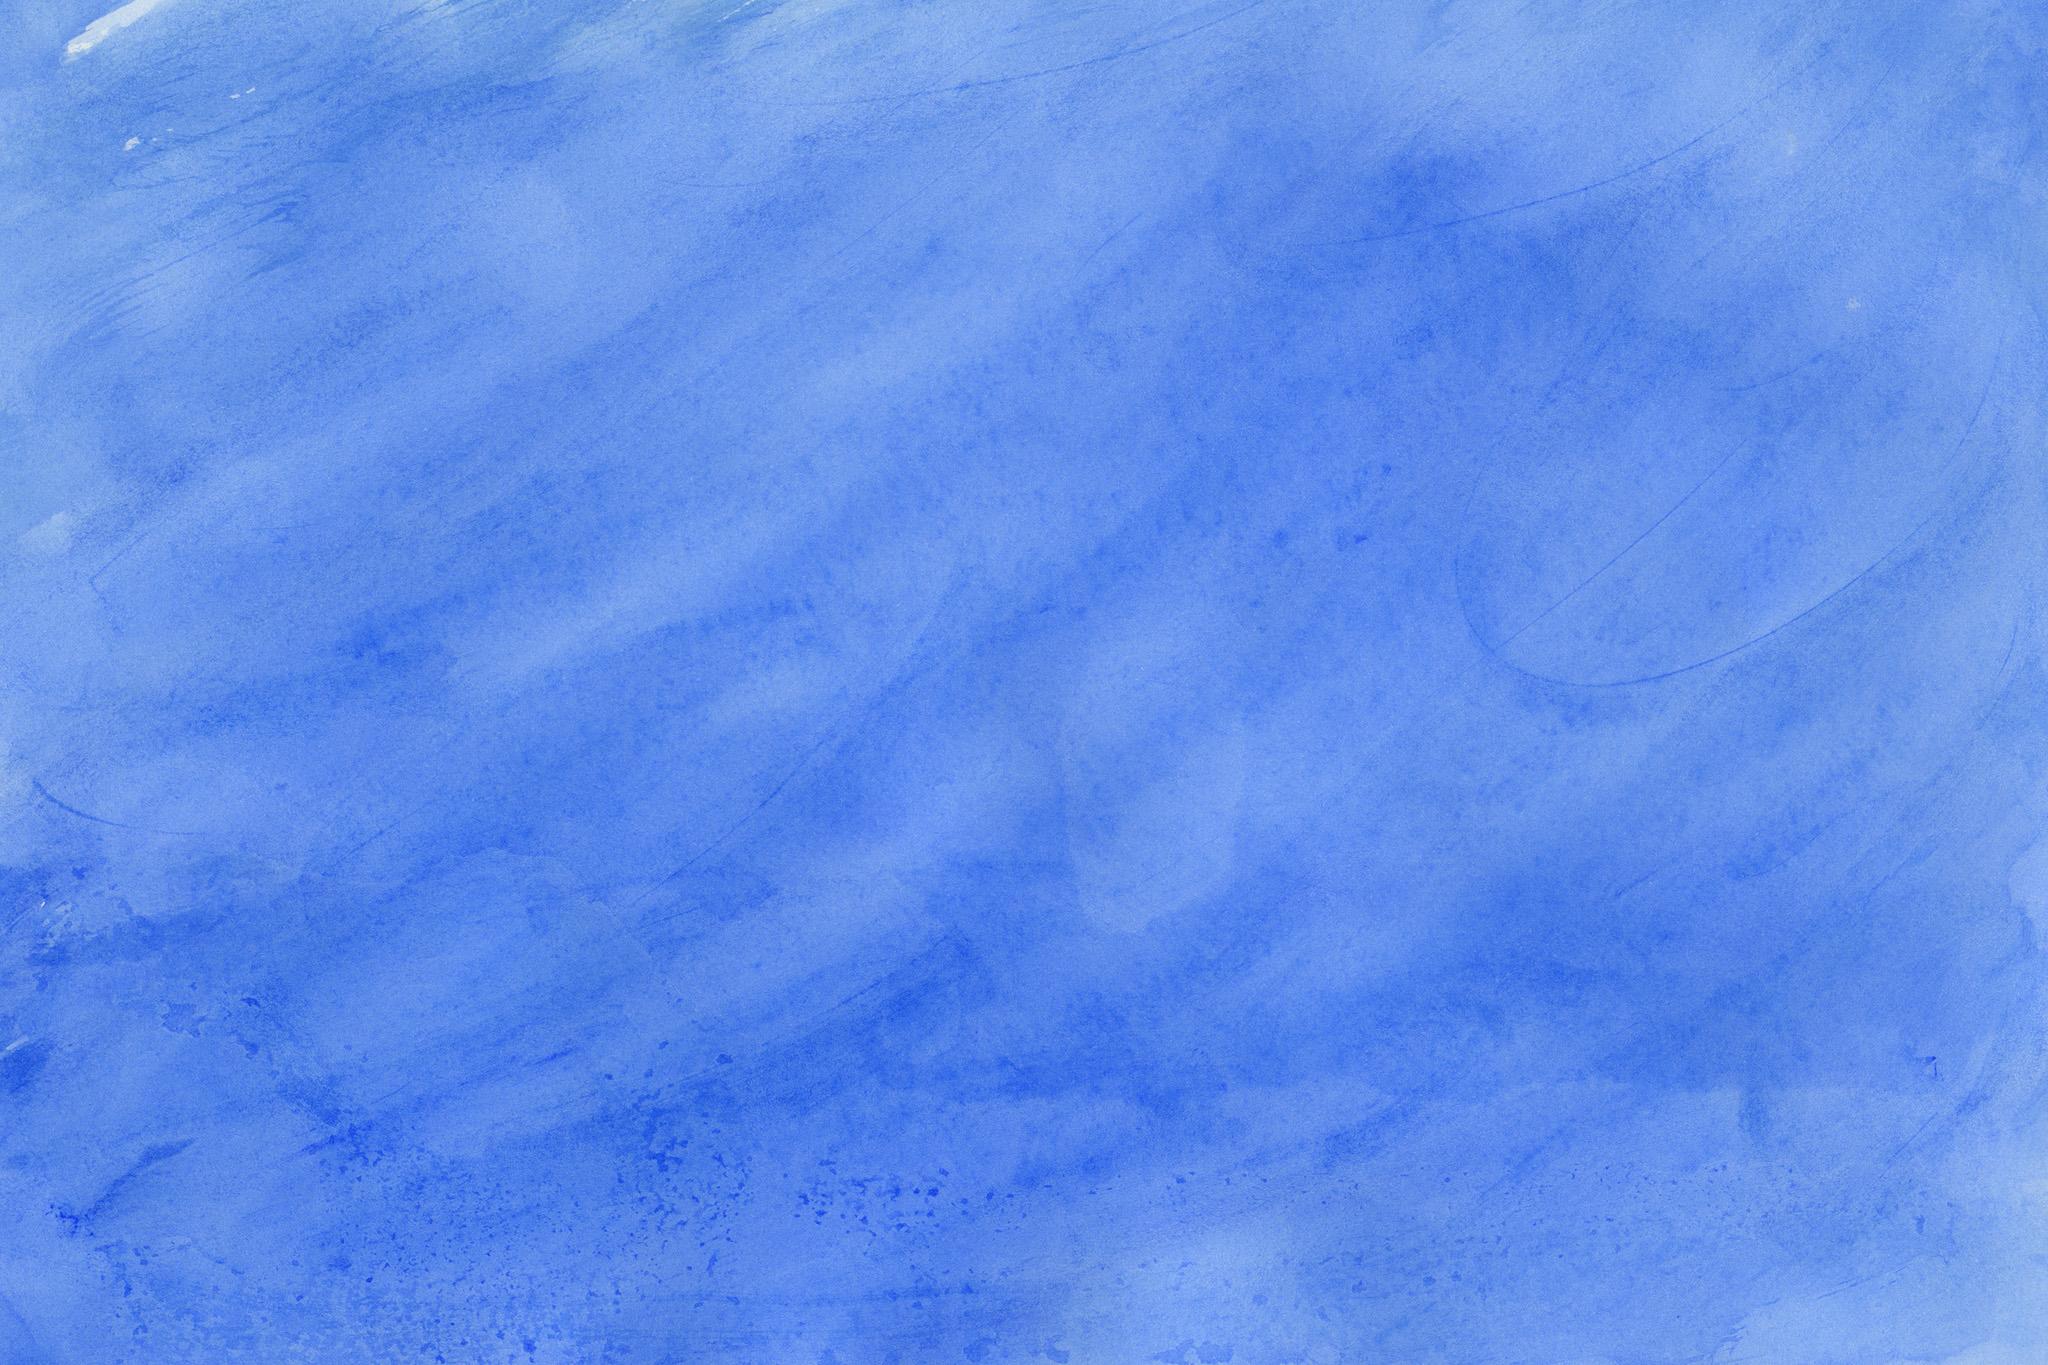 「筆で薄く塗ったインクブルーの水彩」